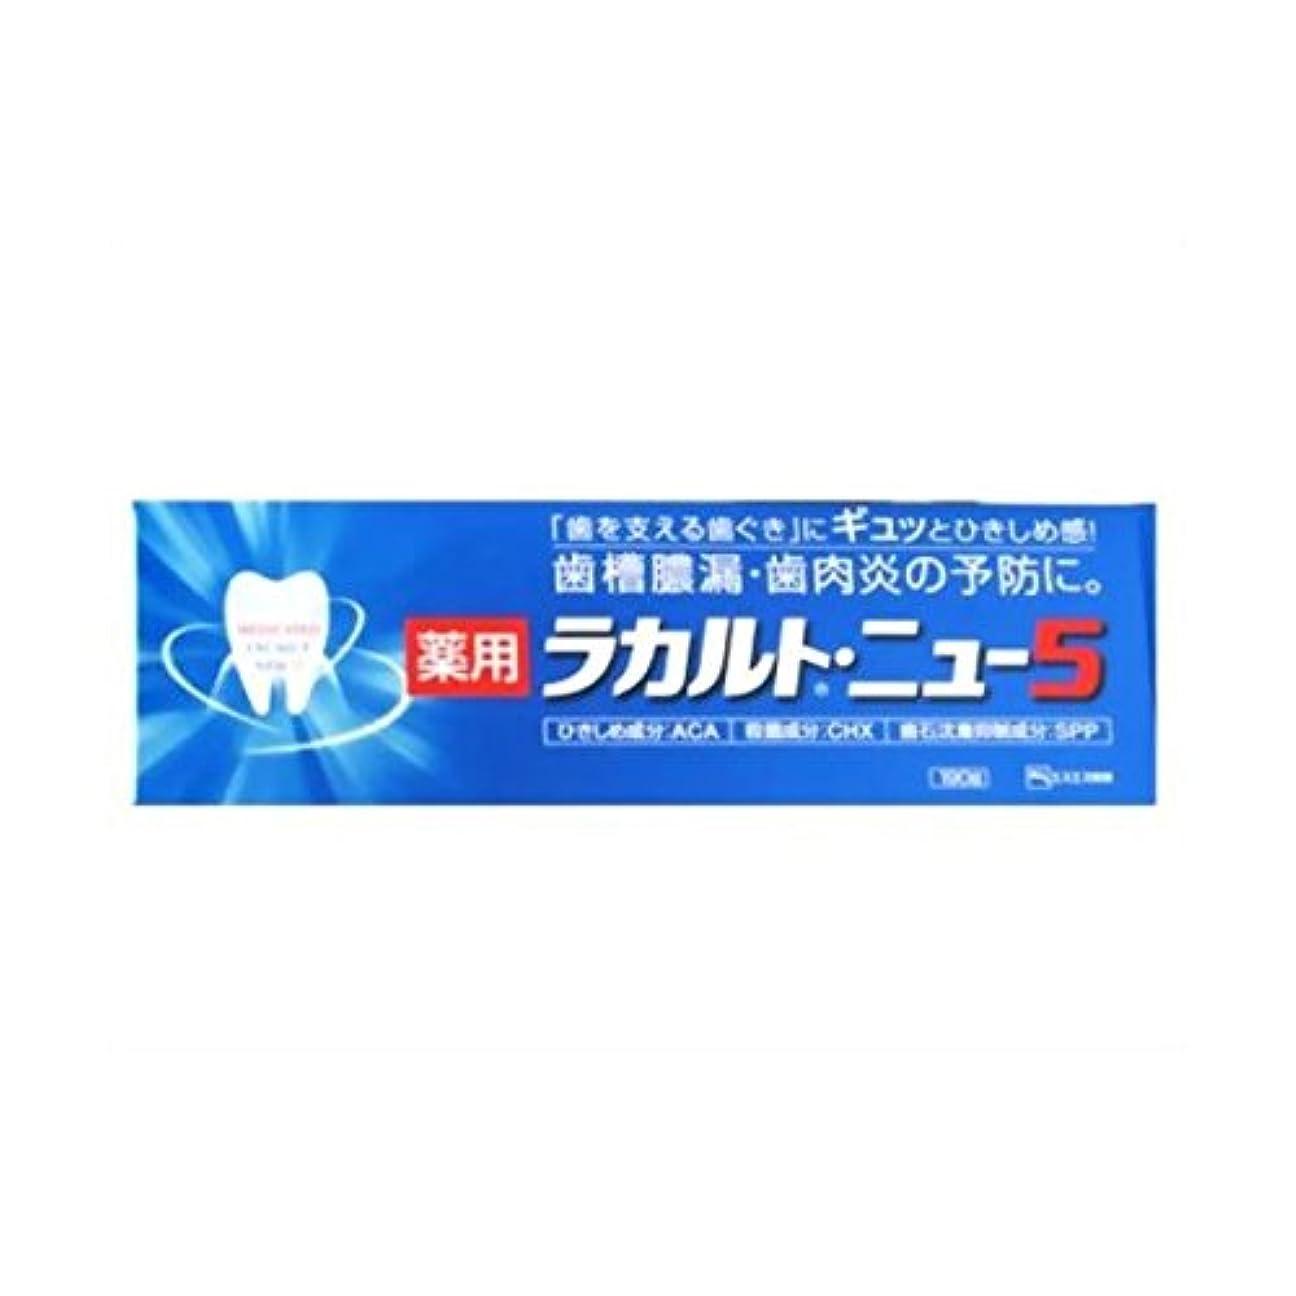 バレーボールアラブ人目的【お徳用 3 セット】 薬用ラカルトニュー5 190g×3セット